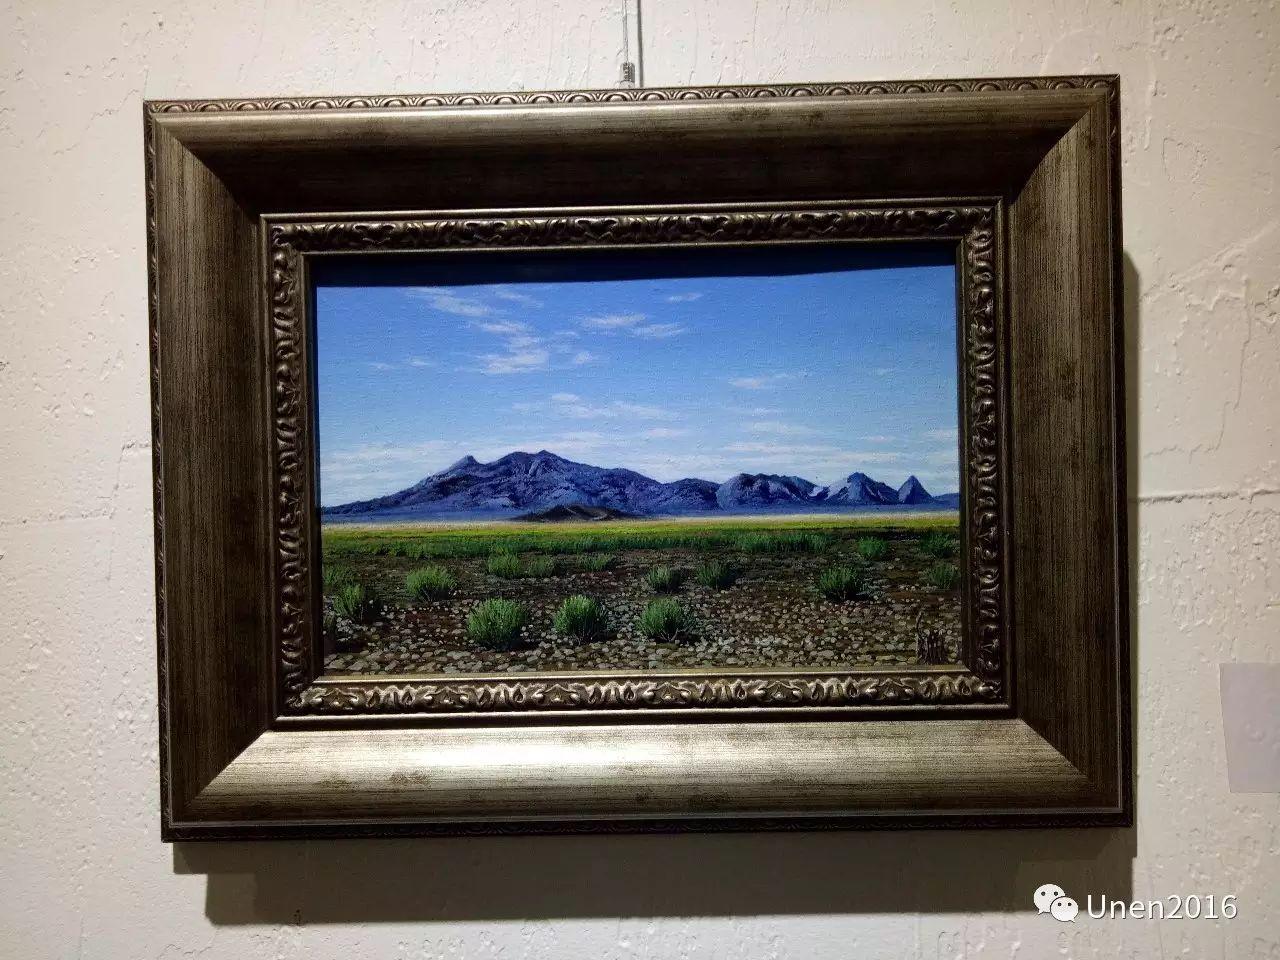 【Unen】美术:蒙古国青年画家巴雅尔的油画作品 第11张